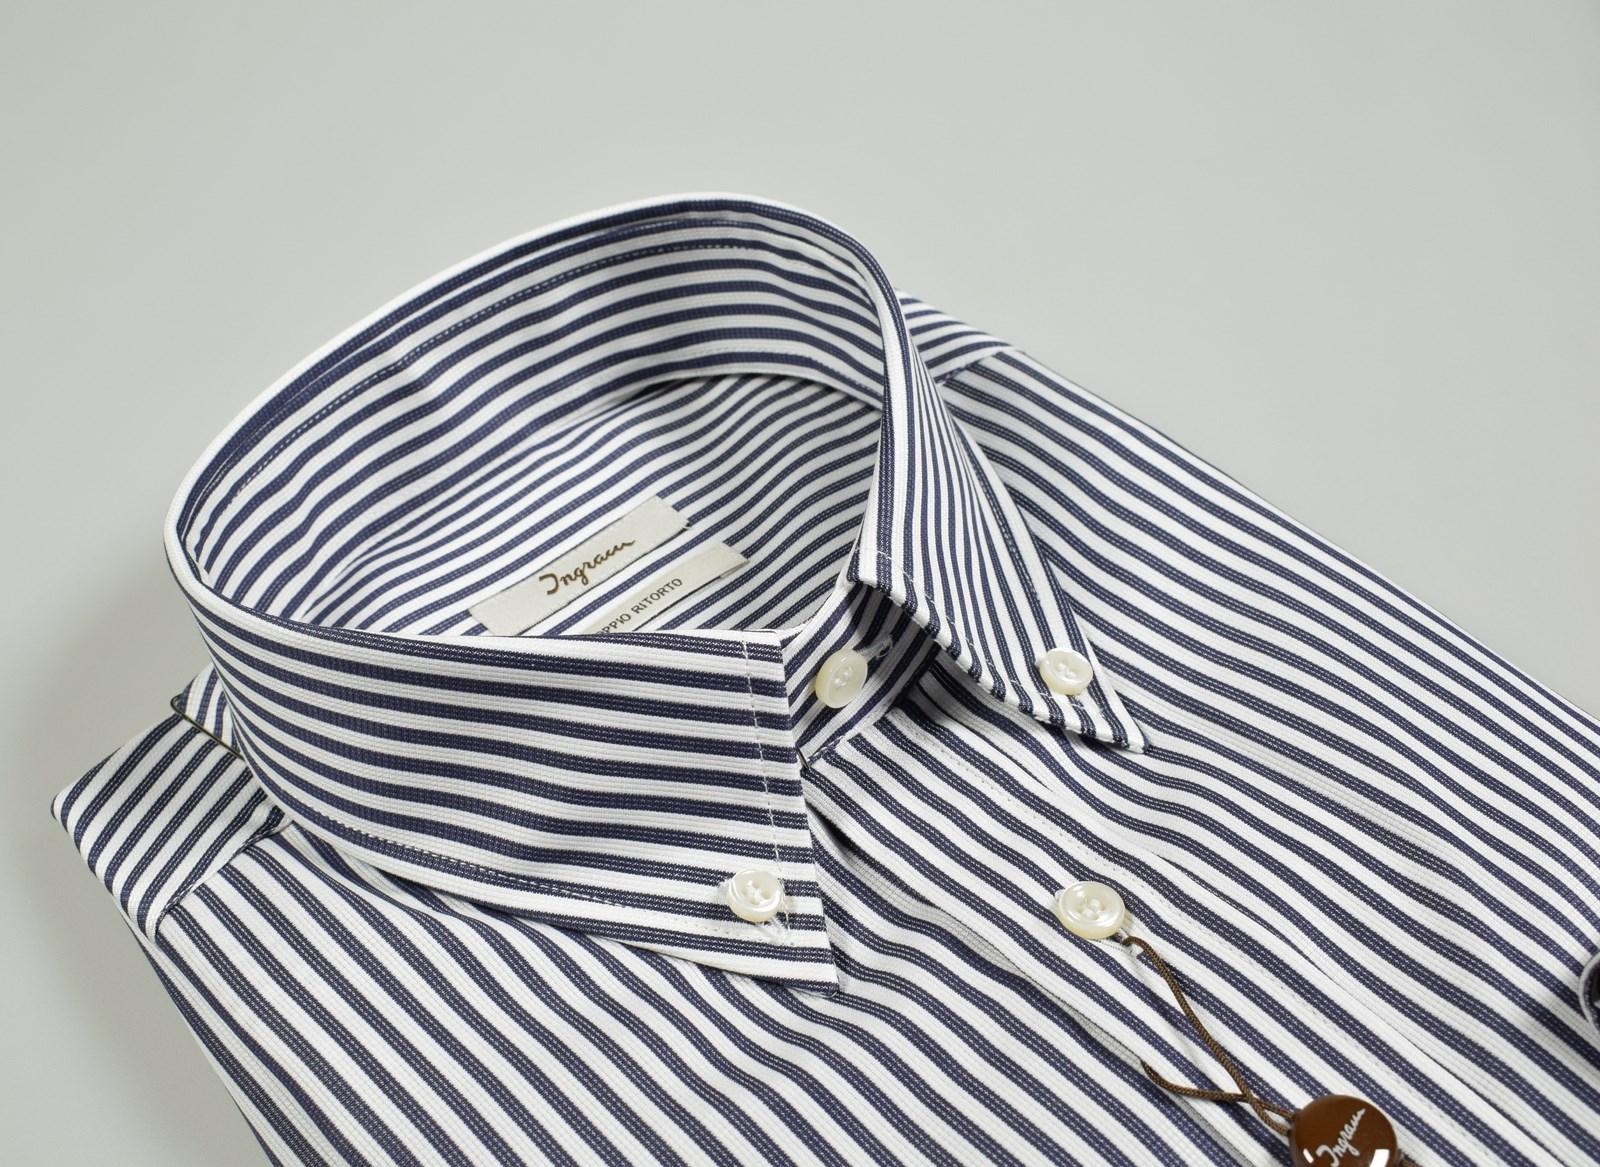 a9a9d3bc0620 Camicia ingram blu a righe collo button down regular fit cotone doppio  ritorto